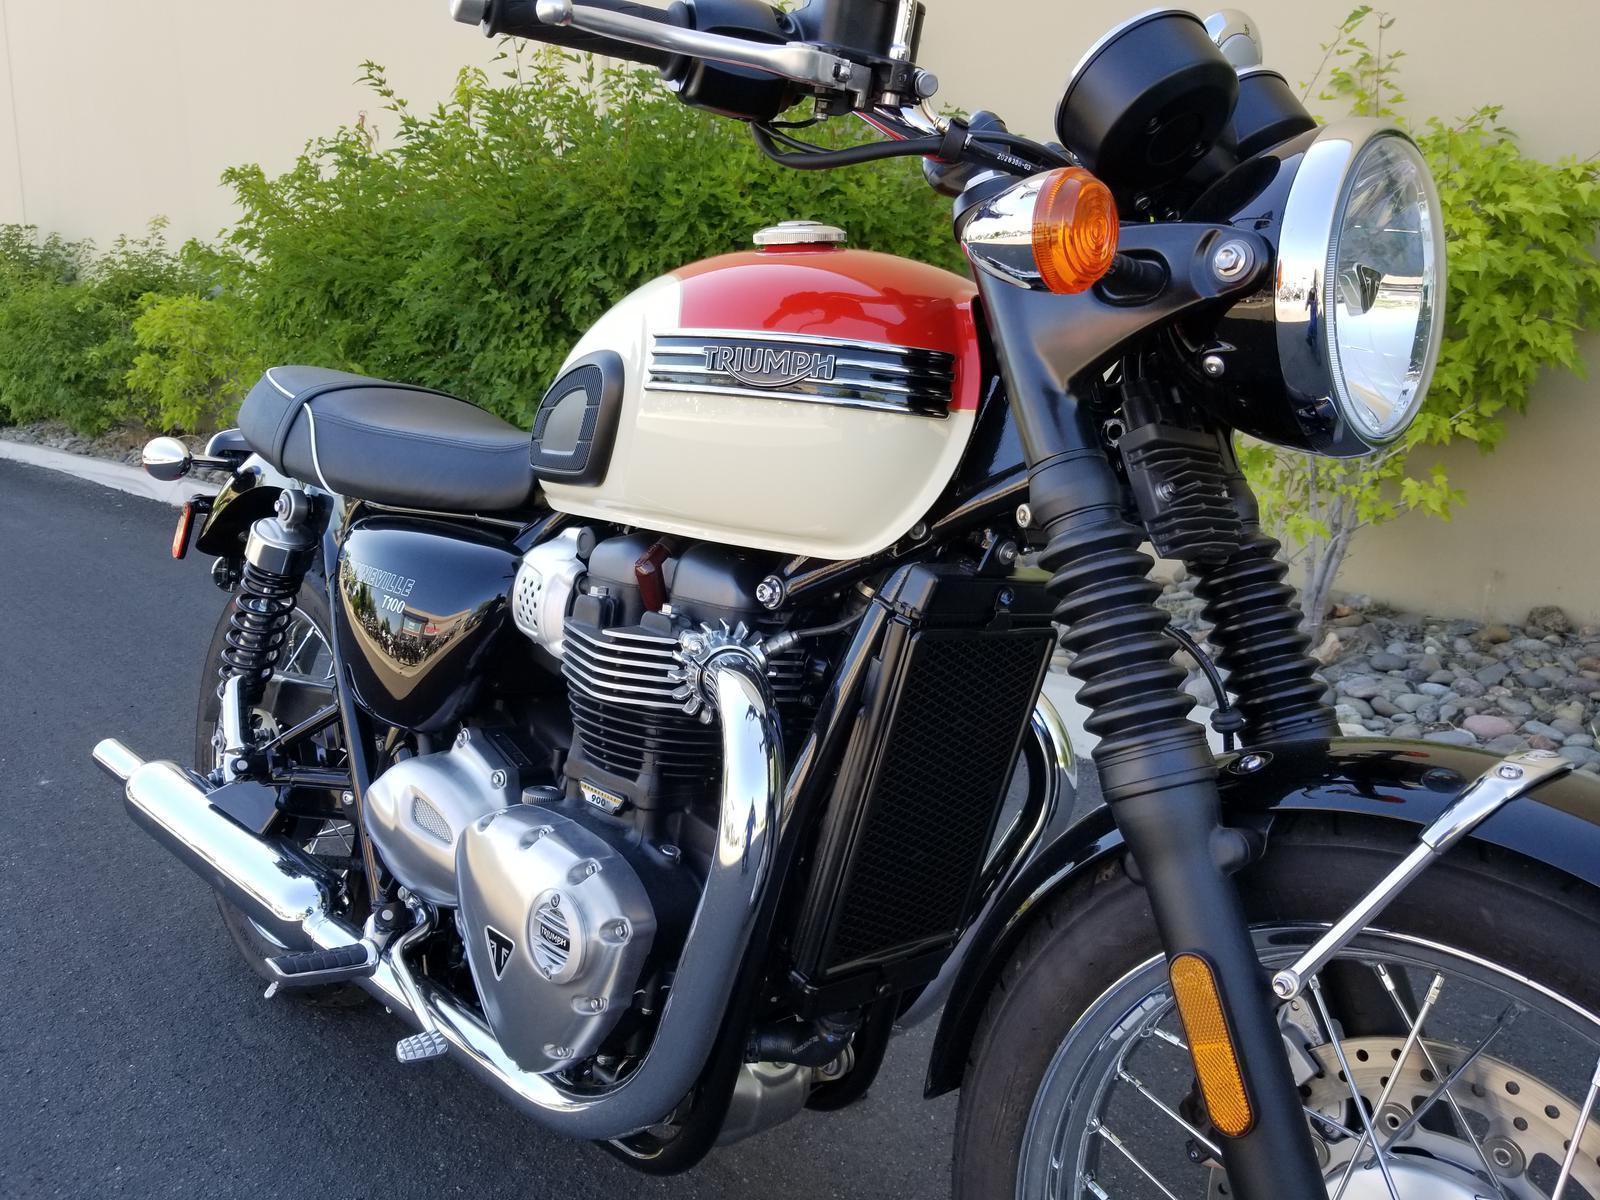 2018 Triumph Bonneville T100 For Sale In Reno Nv Euro Cycle Reno